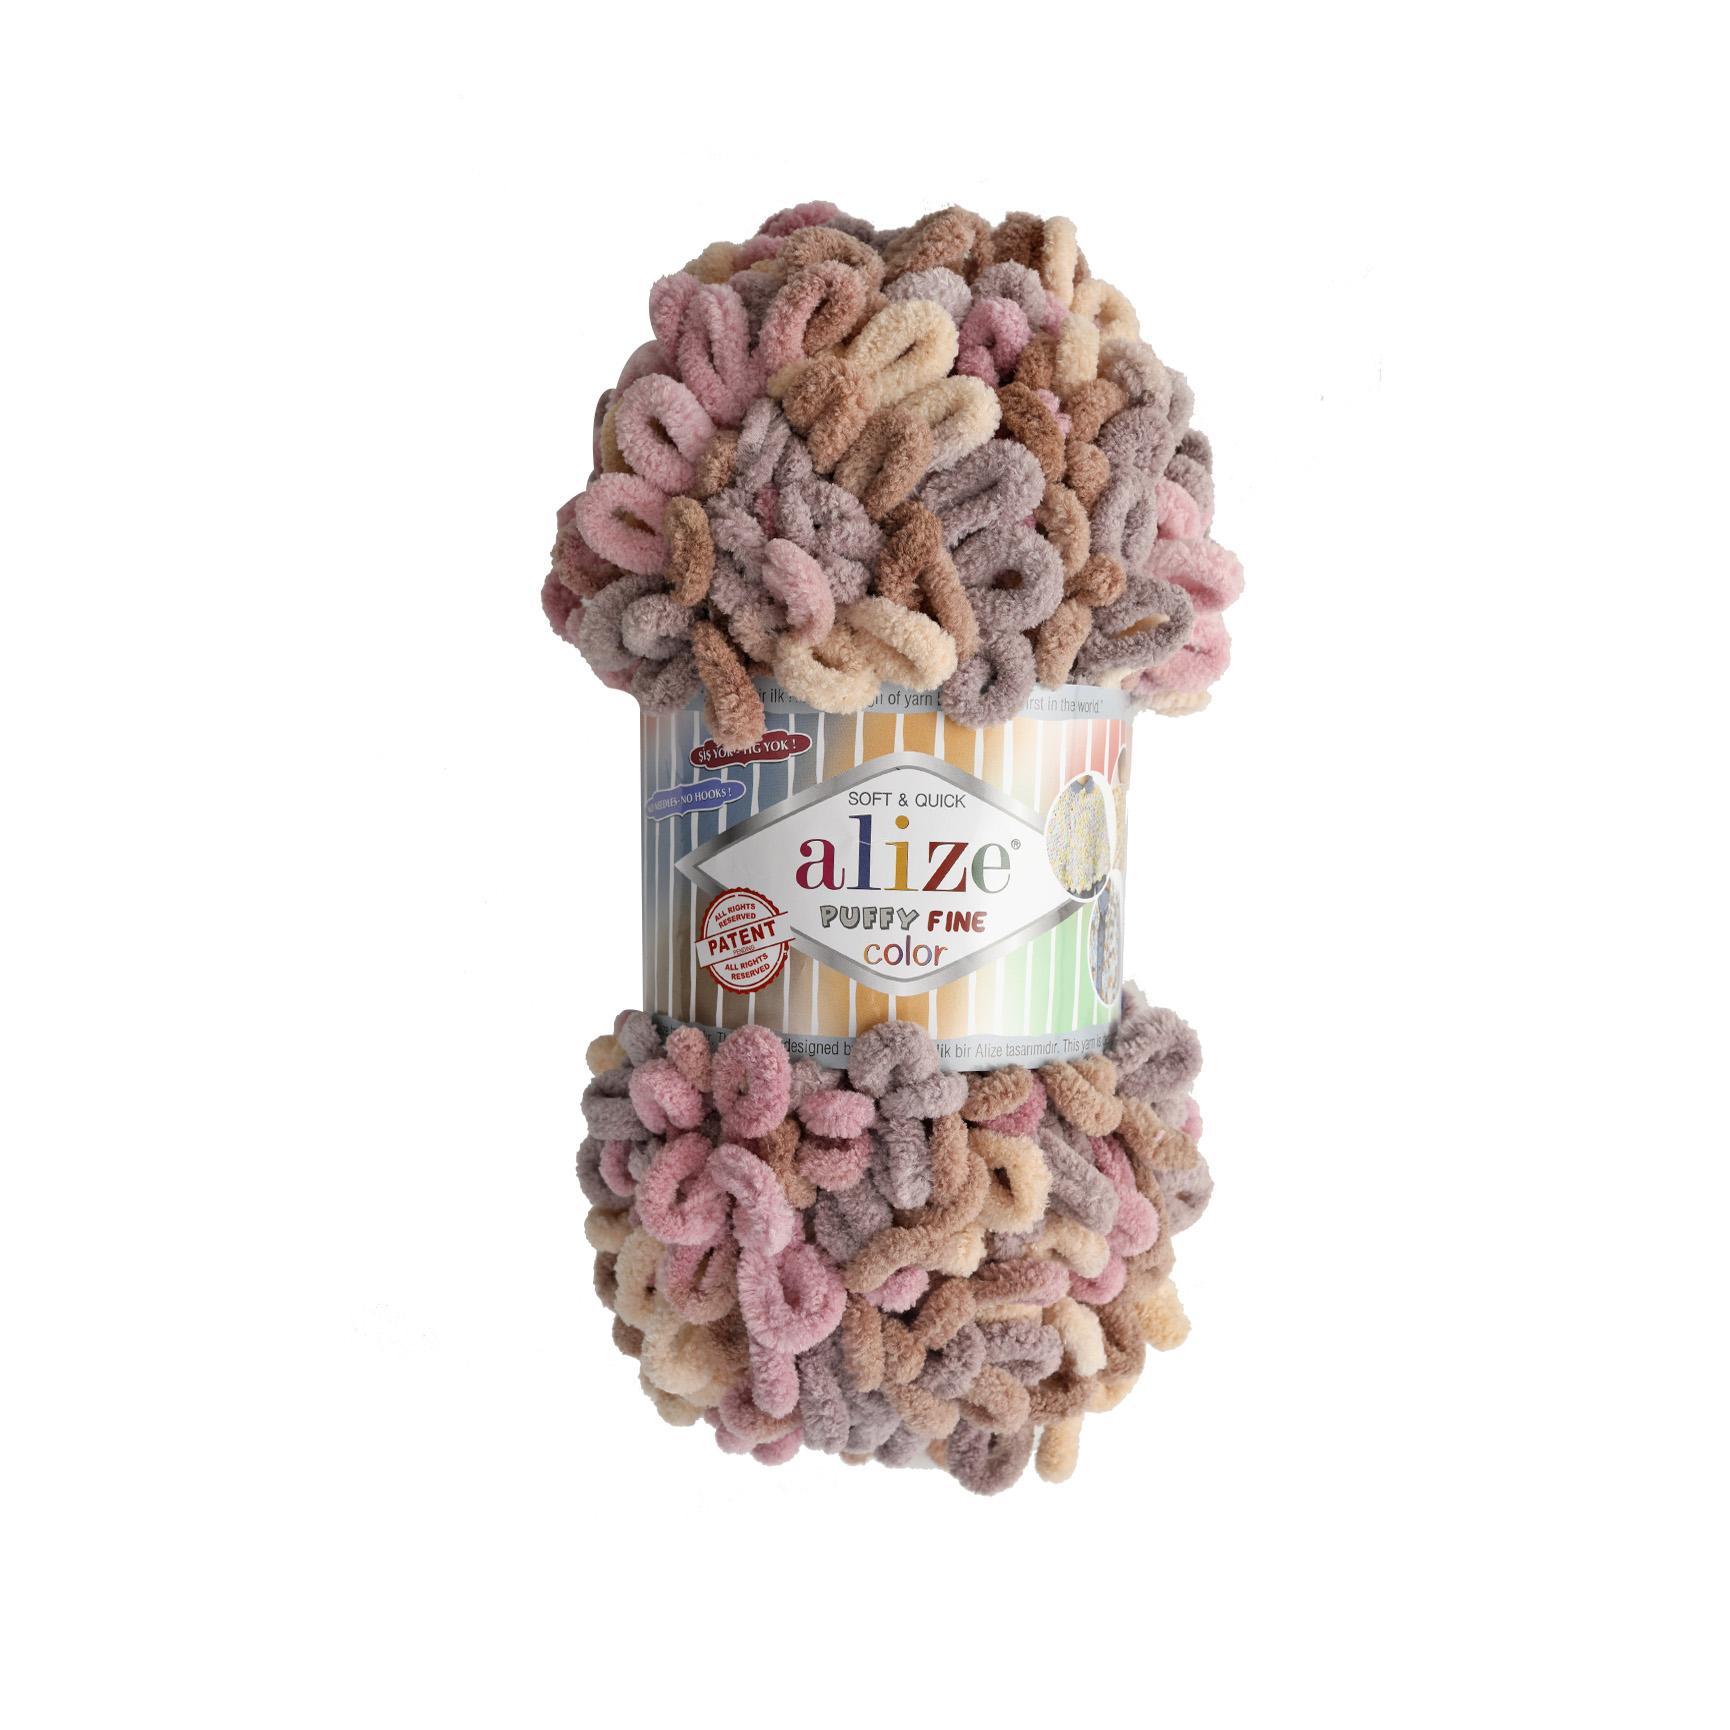 Пряжа Пуффи Файн Колор 6033 - беж-роз-кор-пыл.розовый